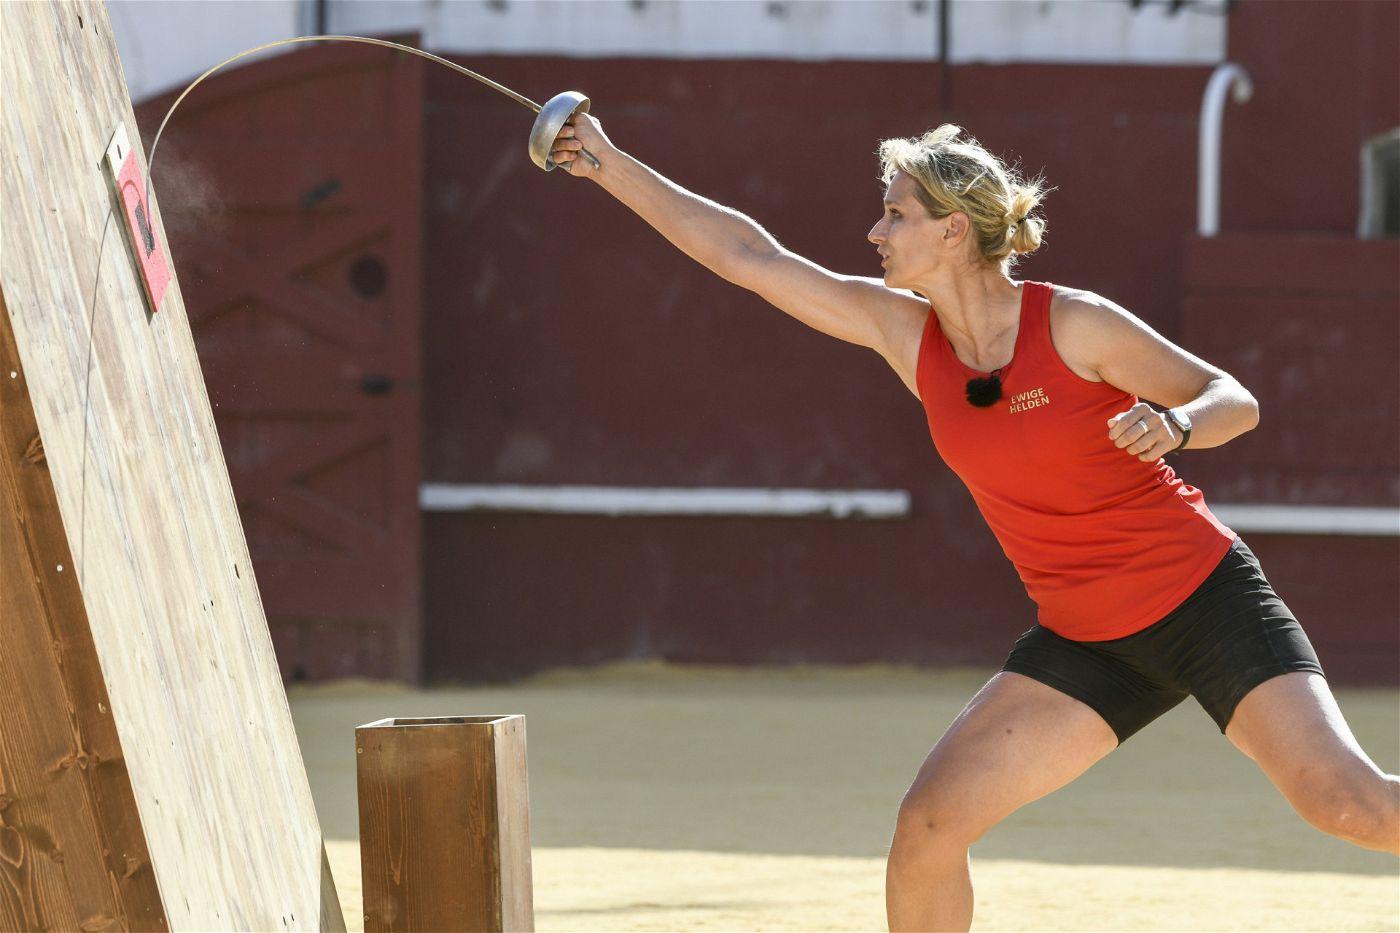 Britta Heidemann gewann bei den Olympischen Spielen 2008 in Peking Gold im Degenfechten. Ihr größter von zahlreichen Erfolgen. Sie spricht fließend Chinesisch, arbeitet als Unternehmensberaterin. Außerdem ist sie Aufsichtsratsmitglied beim 1. FC Köln.